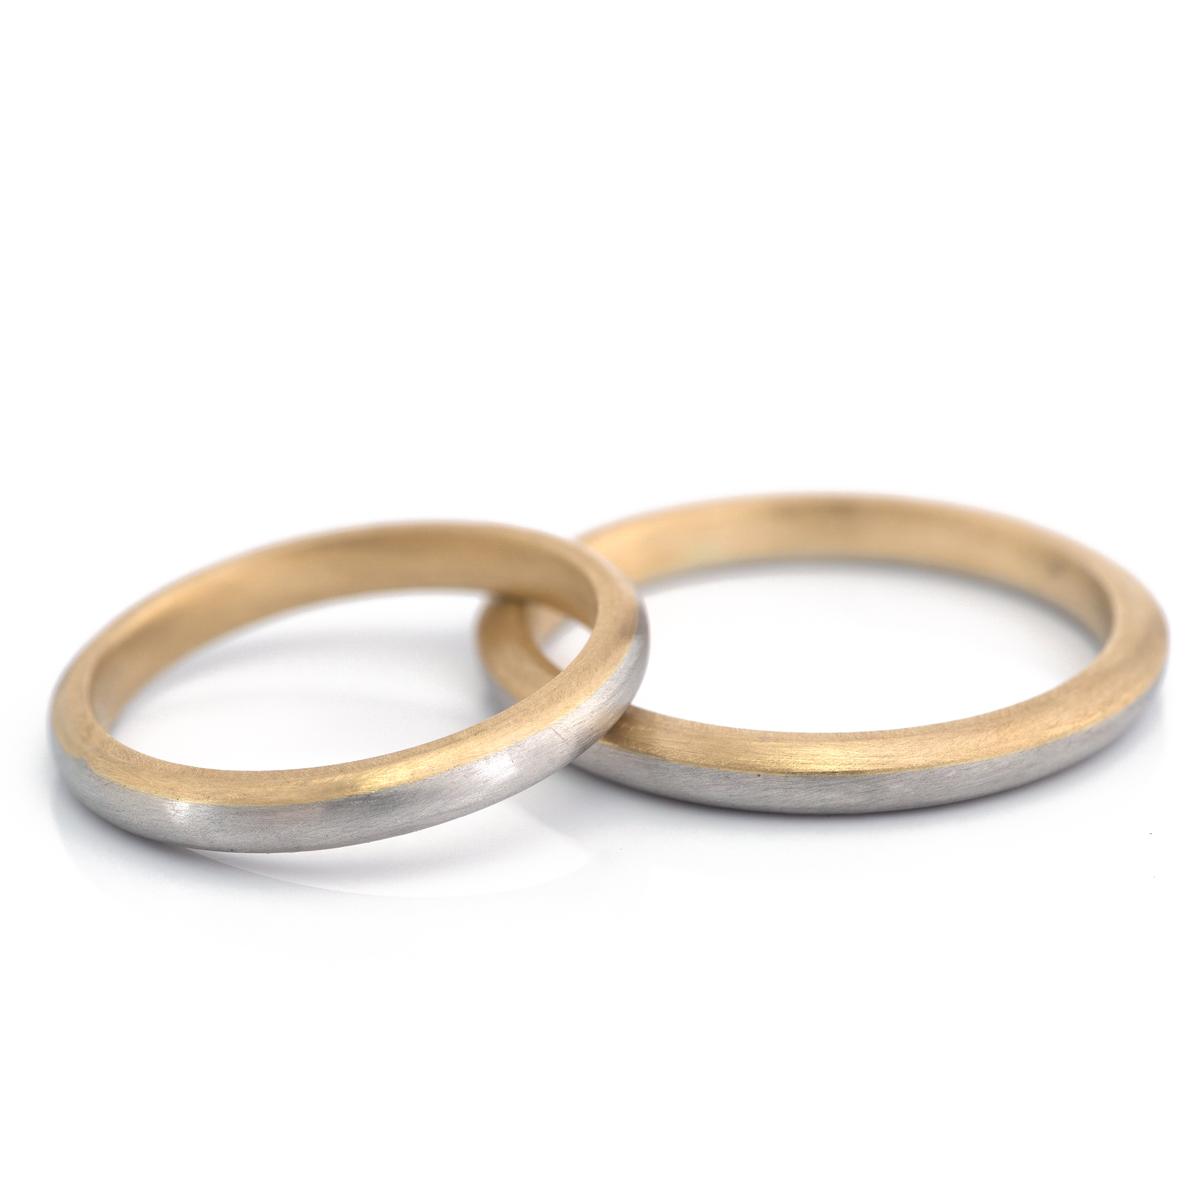 オーダーメイド結婚指輪 白バック 屋久島の水平線モチーフ プラチナ、ゴールド 屋久島でつくる結婚指輪